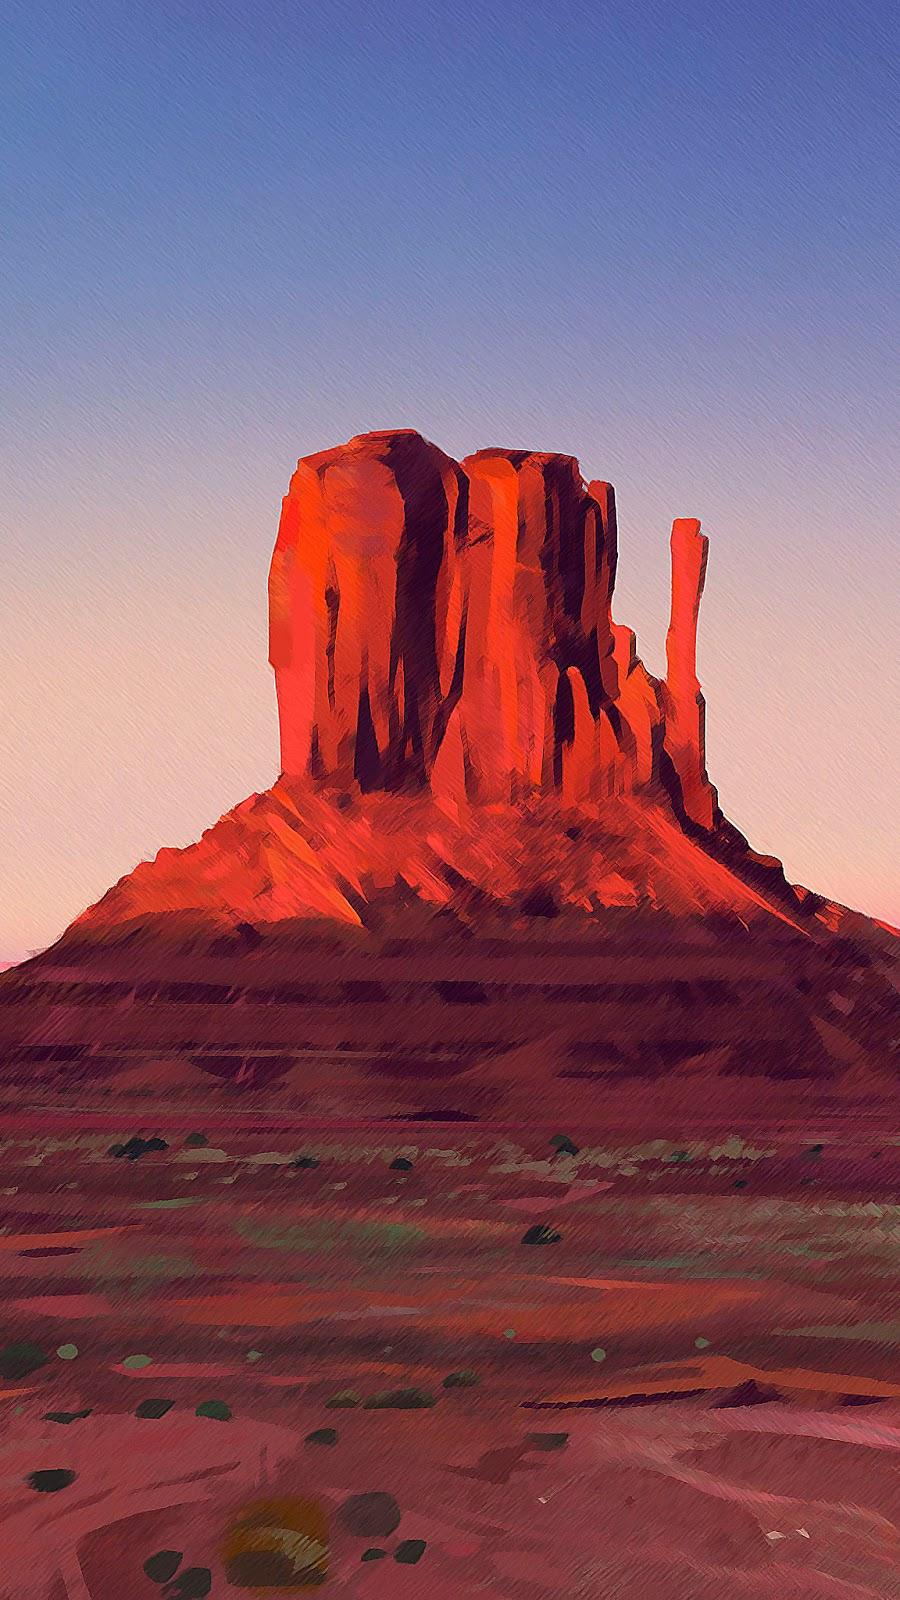 #background #wallpaper #desert